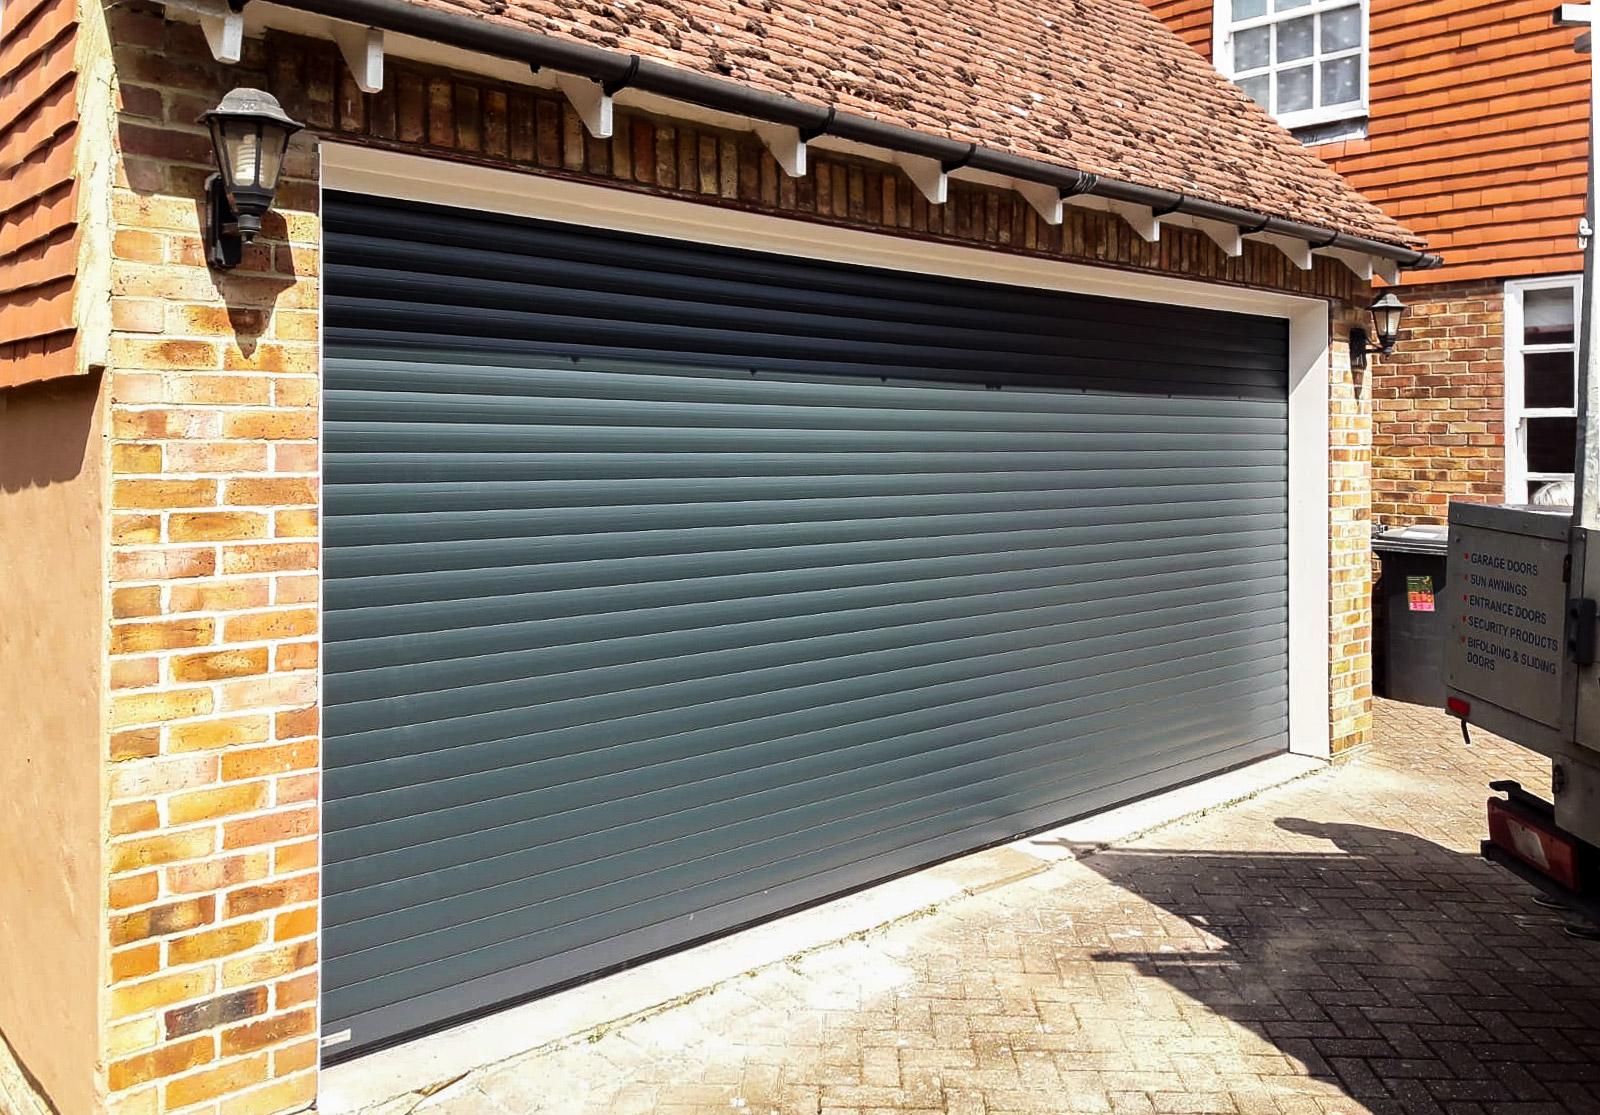 SWS SeceuroGlide Roller garage Door in Antracite Grey